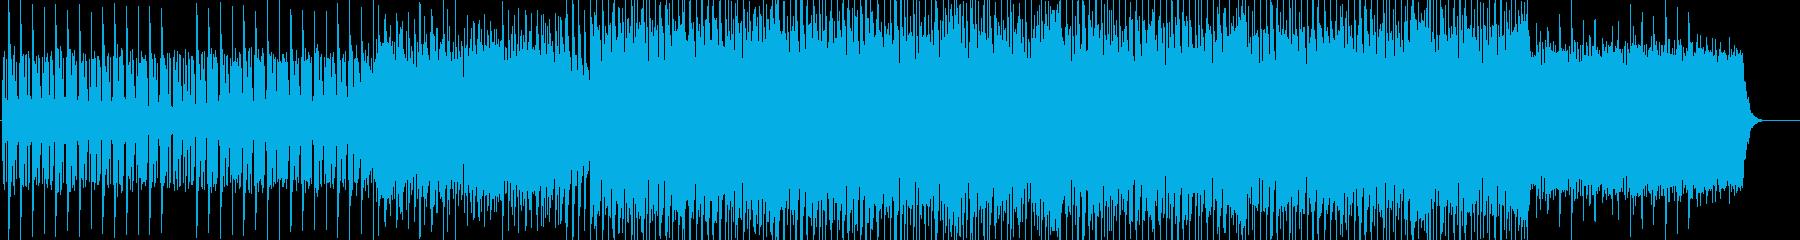 ビートの効いたメリハリある曲の再生済みの波形